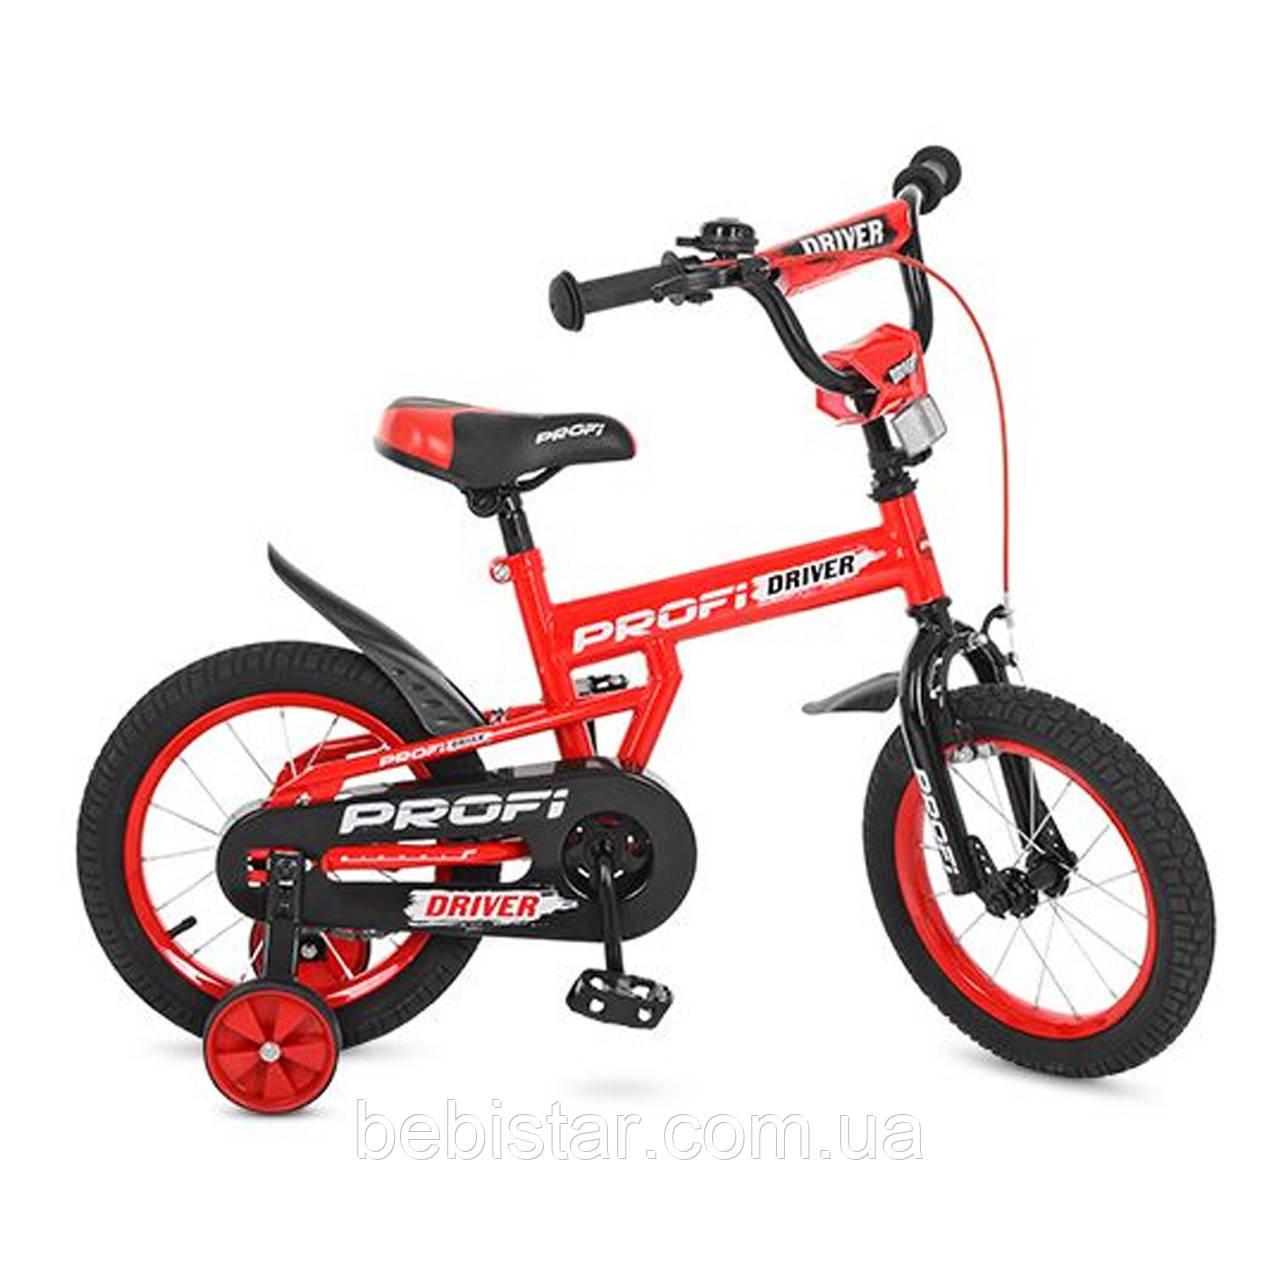 """Двухколесный велосипед  PROFI 12"""" L12112 детям 3-4 года цвет красный"""